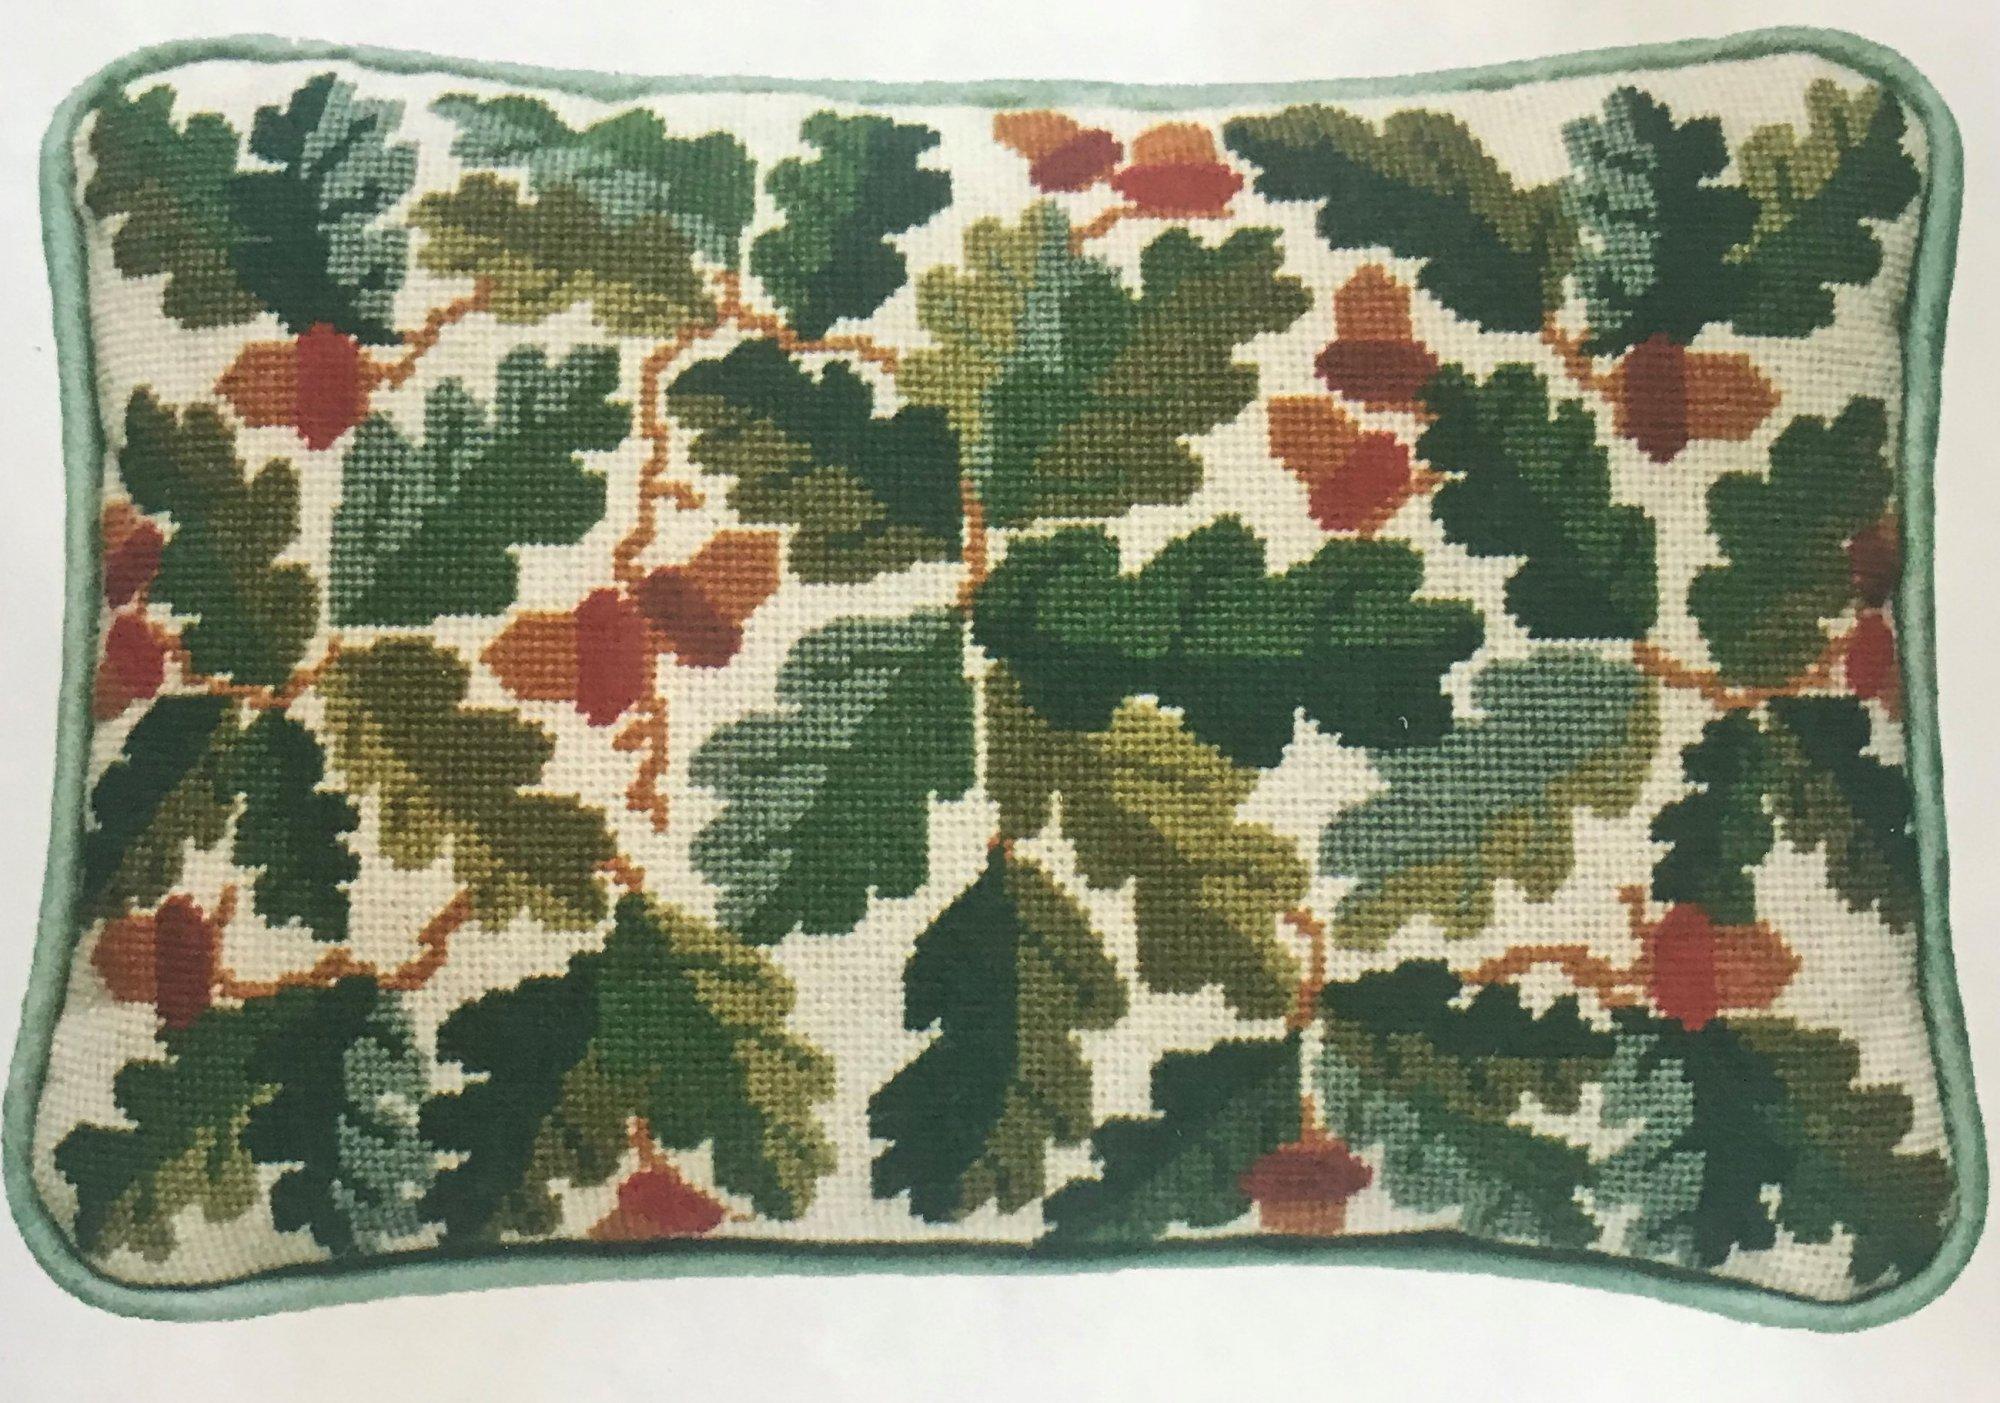 Acorns Lumbar Cushion